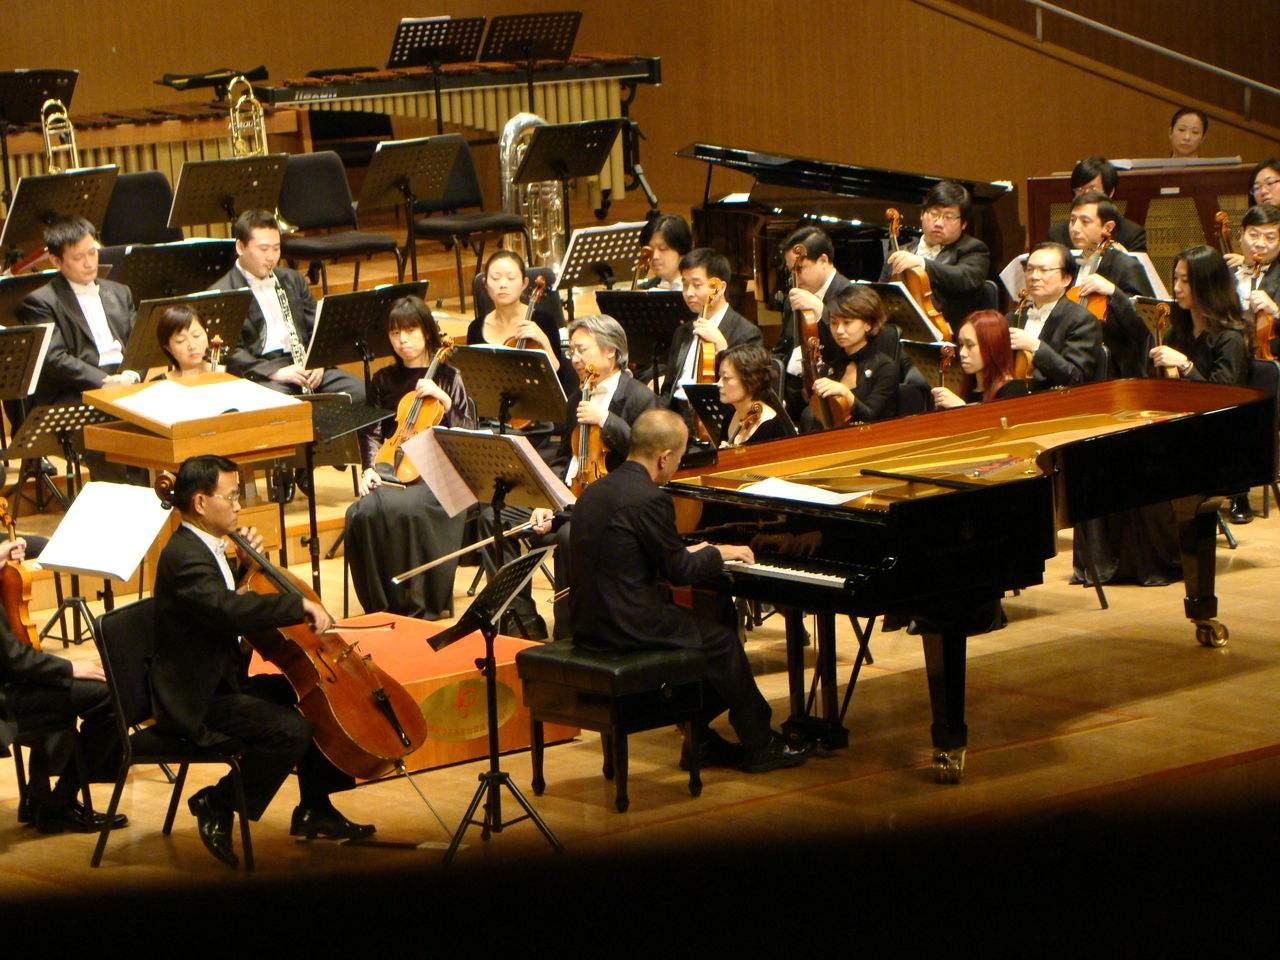 久石让宫崎骏视听音乐会4月登陆上海,一代宗师匠心之作